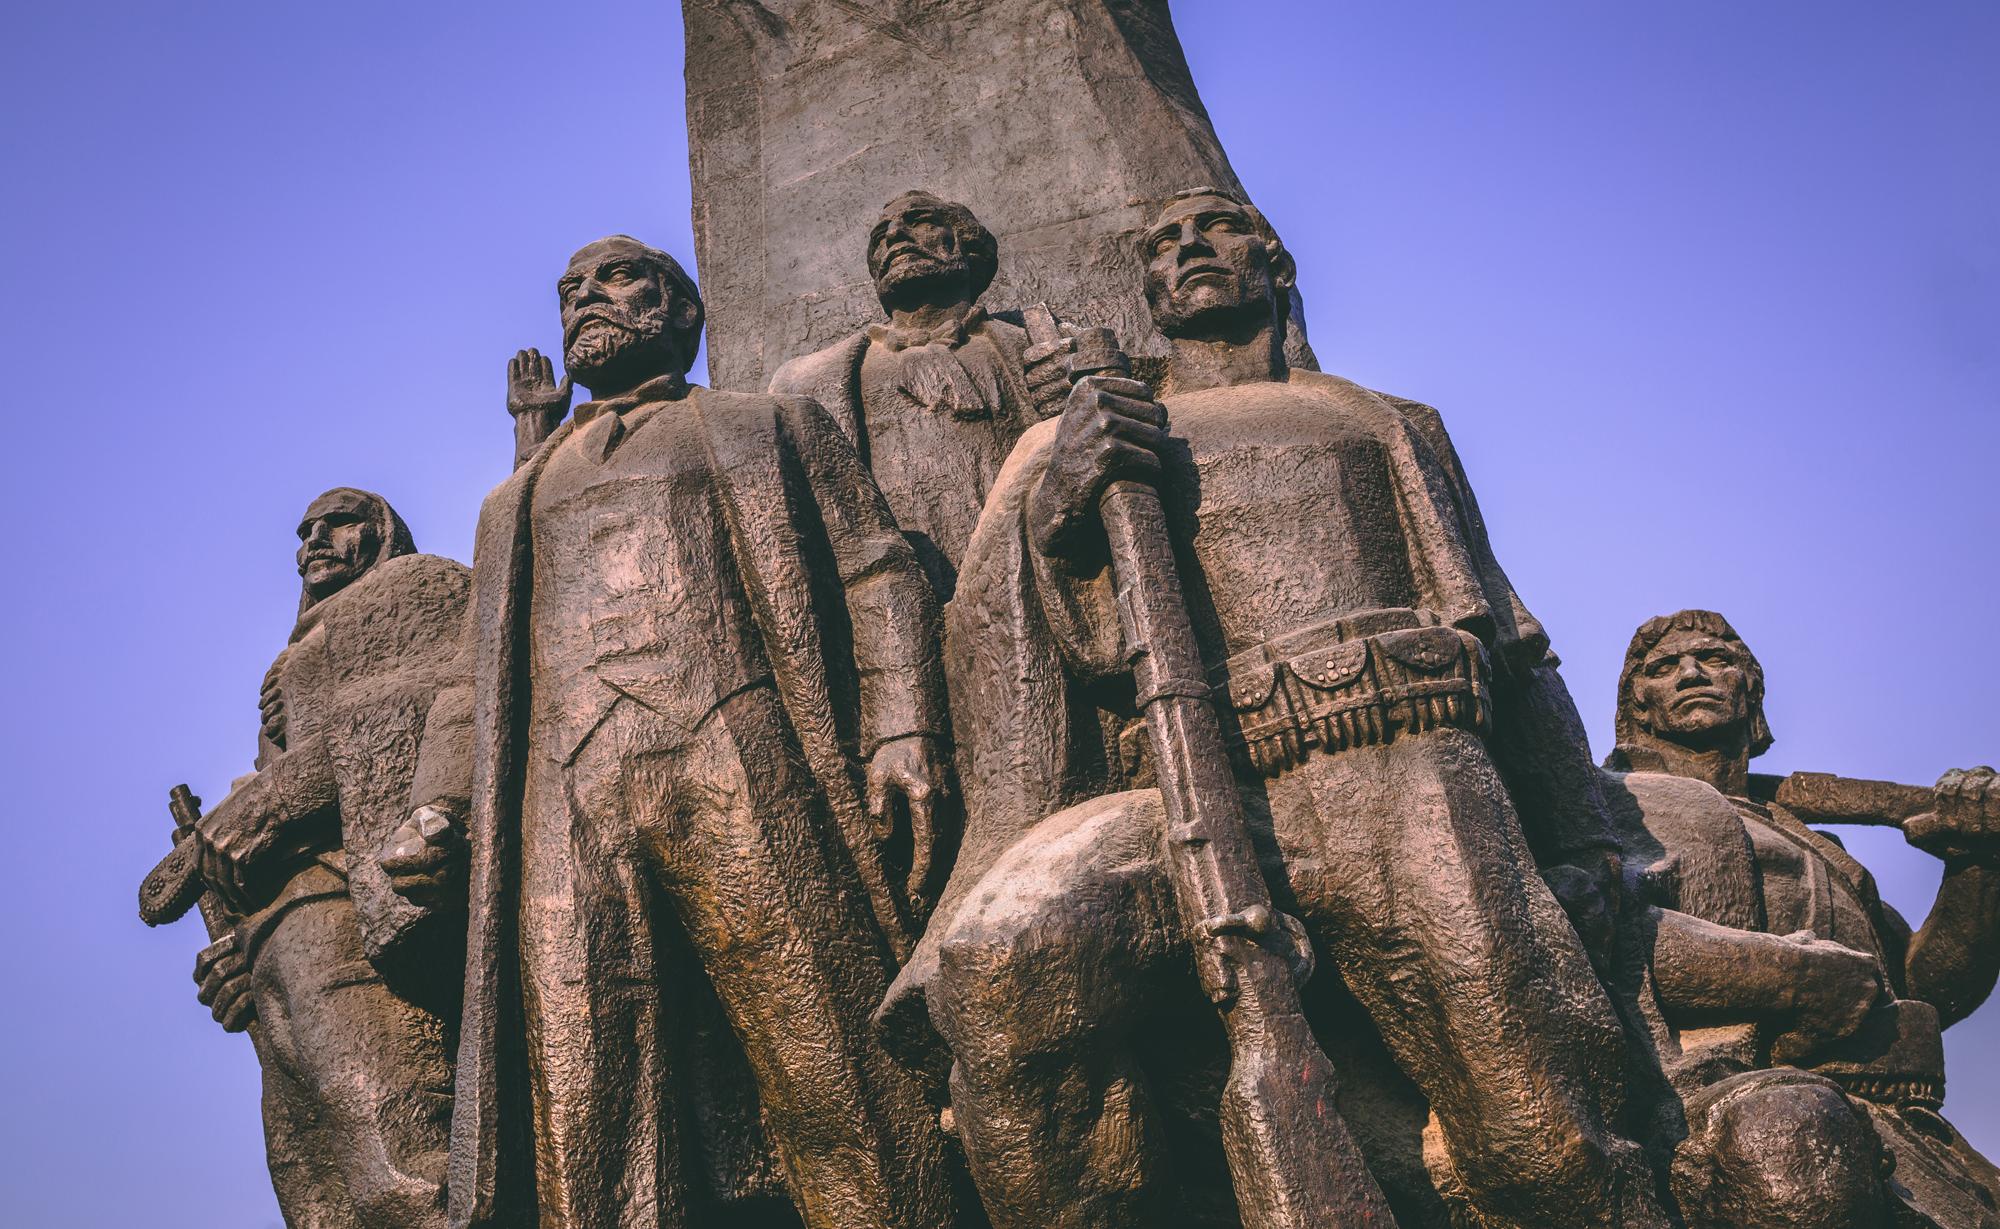 A statue in Tirana, Albania.